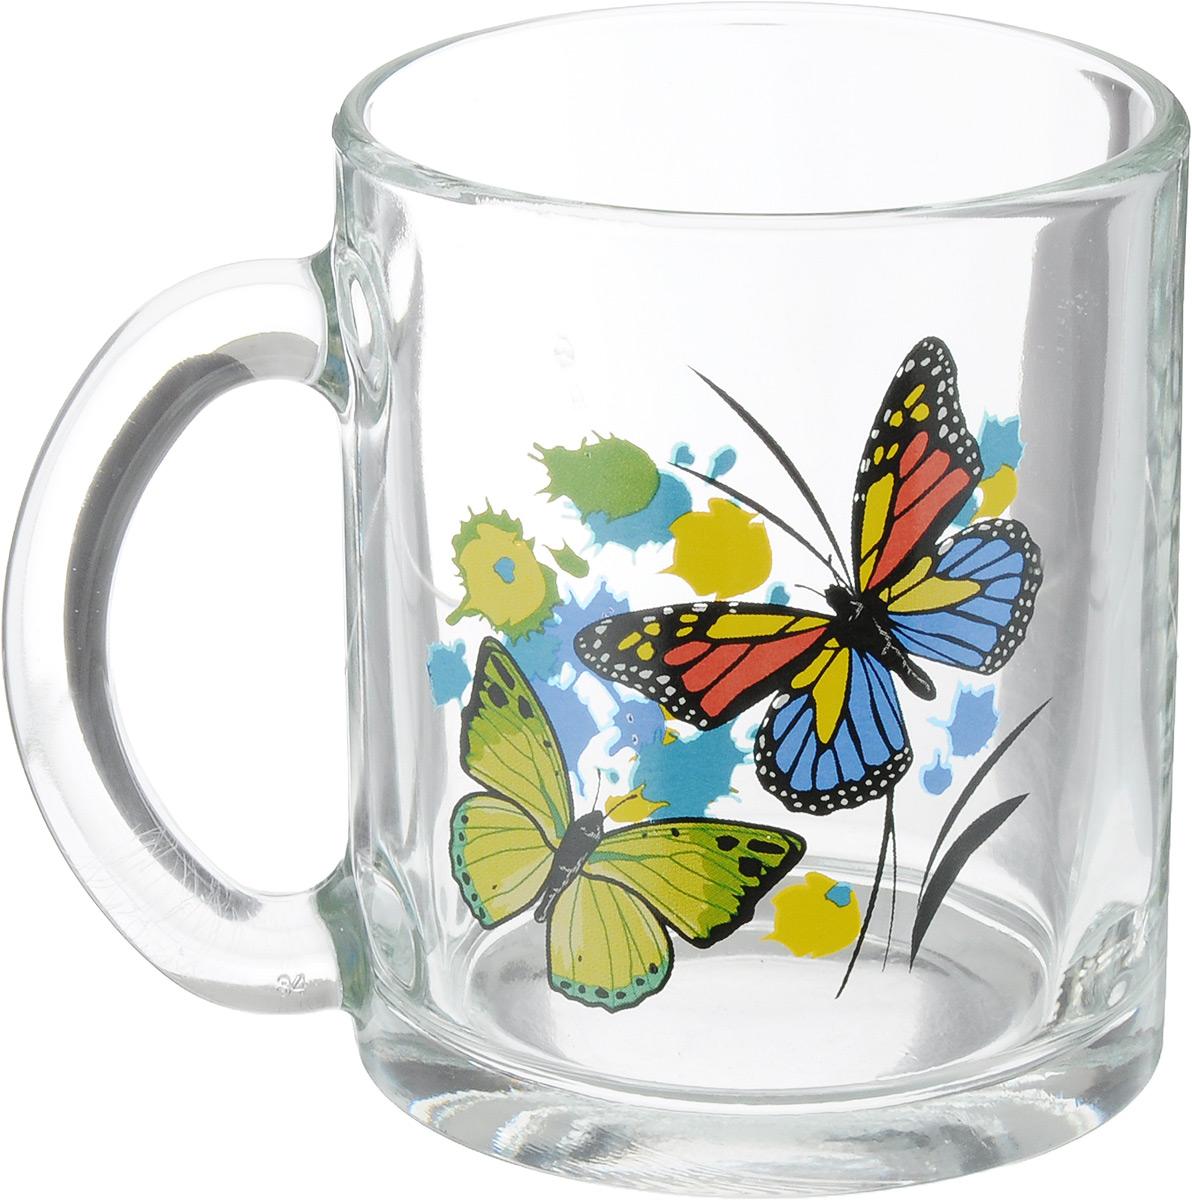 Кружка OSZ Чайная. Танец бабочек, 320 мл04C1208-TBM_вид 2Кружка OSZ Чайная. Танец бабочек изготовлена из прозрачного стекла и украшена красивым рисунком. Изделие идеально подходит для сервировки стола. Кружка не только украсит ваш кухонный стол, но подчеркнет прекрасный вкус хозяйки. Диаметр кружки (по верхнему краю): 8 см. Высота кружки: 9,5 см. Объем кружки: 320 мл.